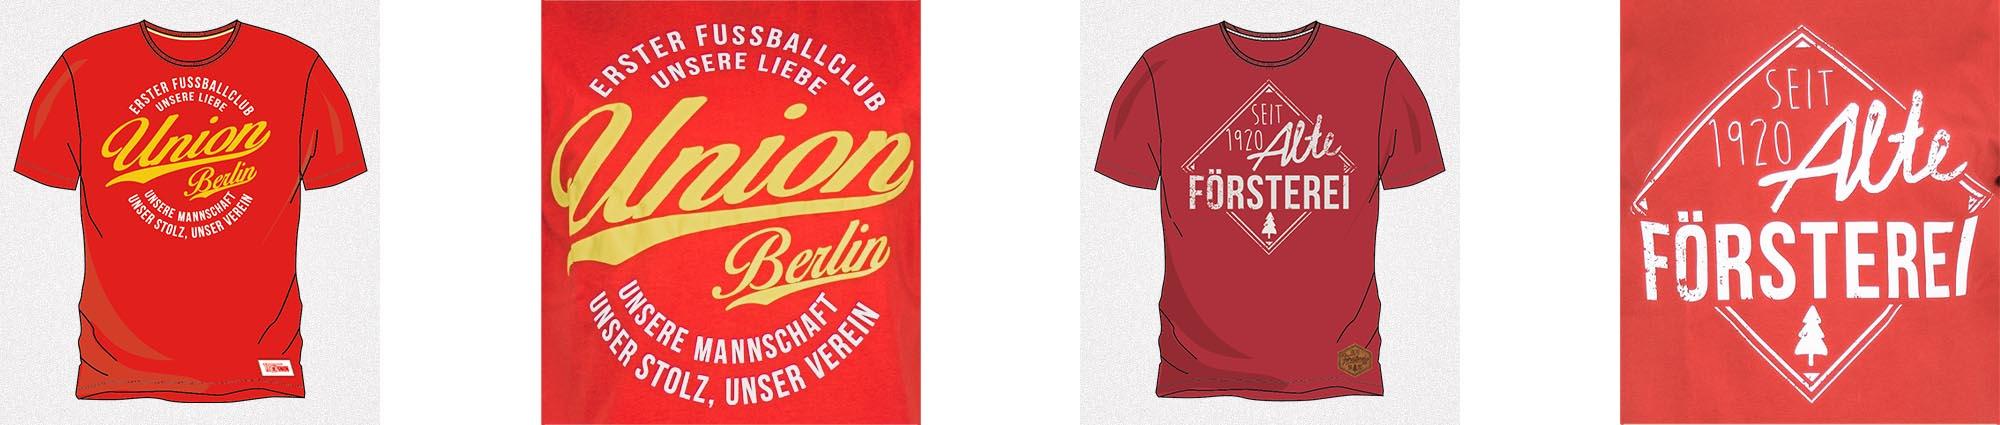 Union Berlin Merchandise